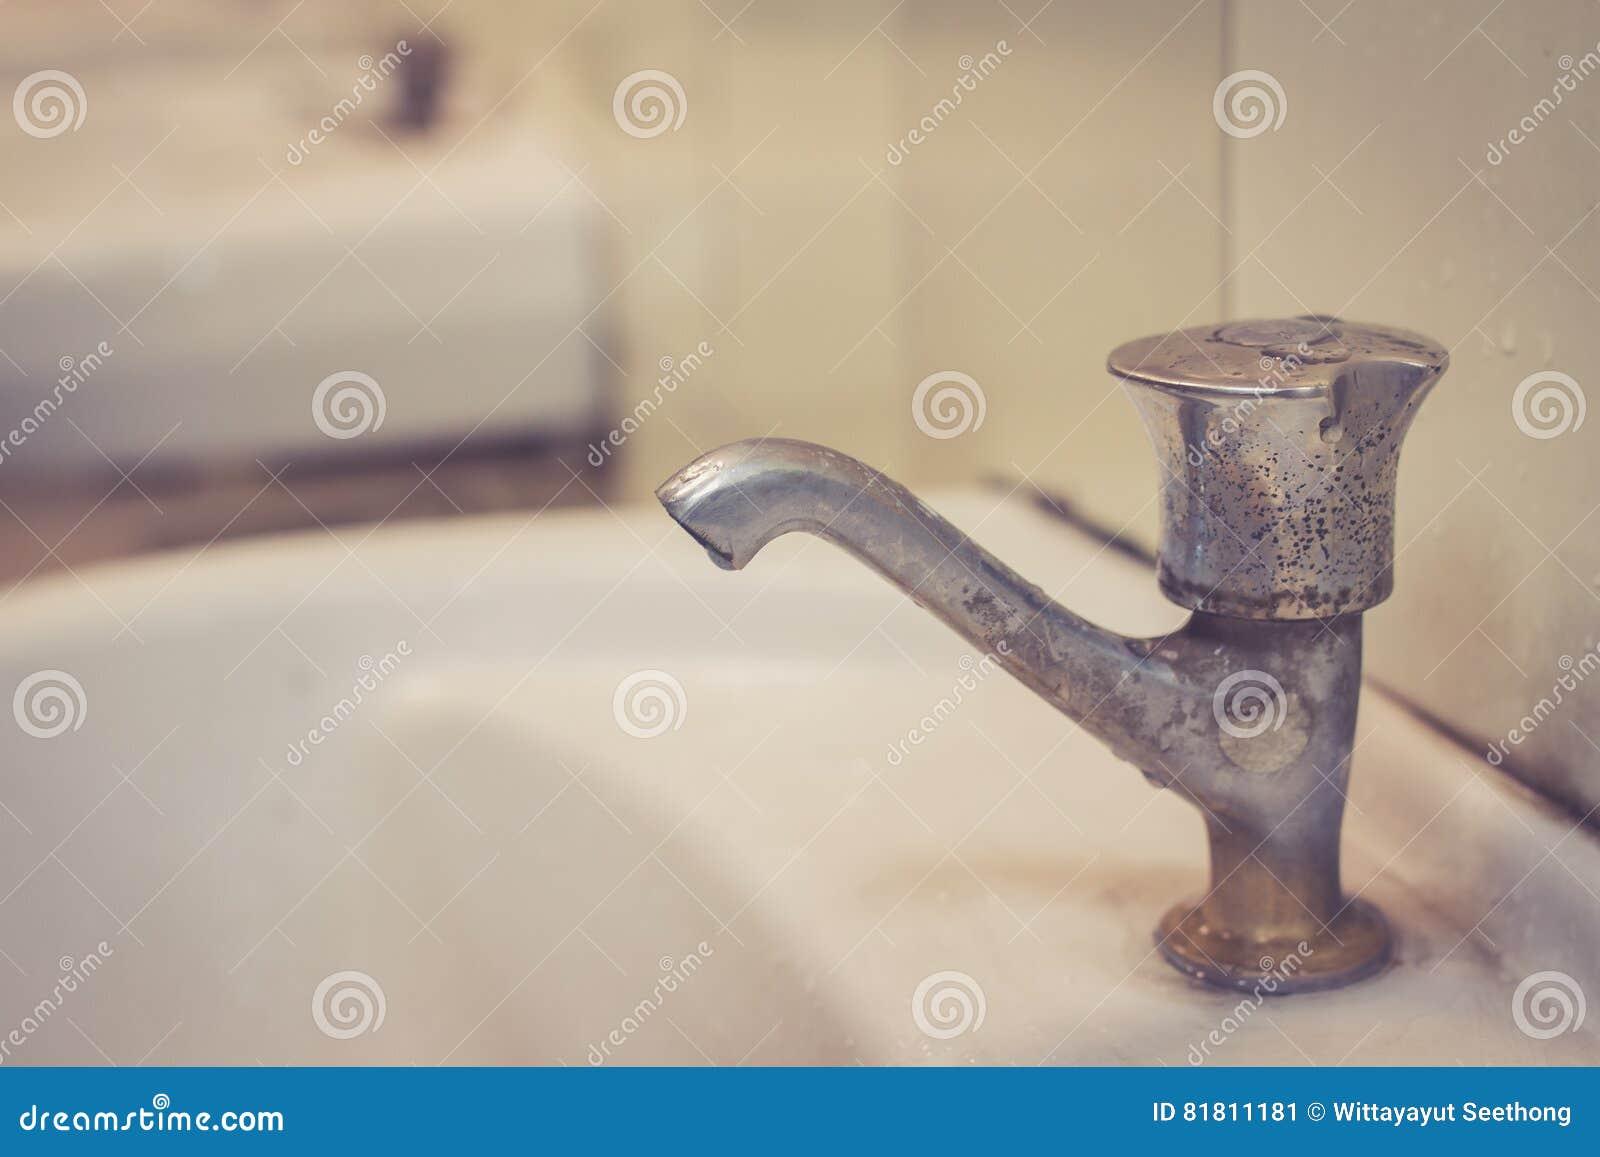 Acque di rifiuto, rubinetto di acqua nella toilette pubblica sporca